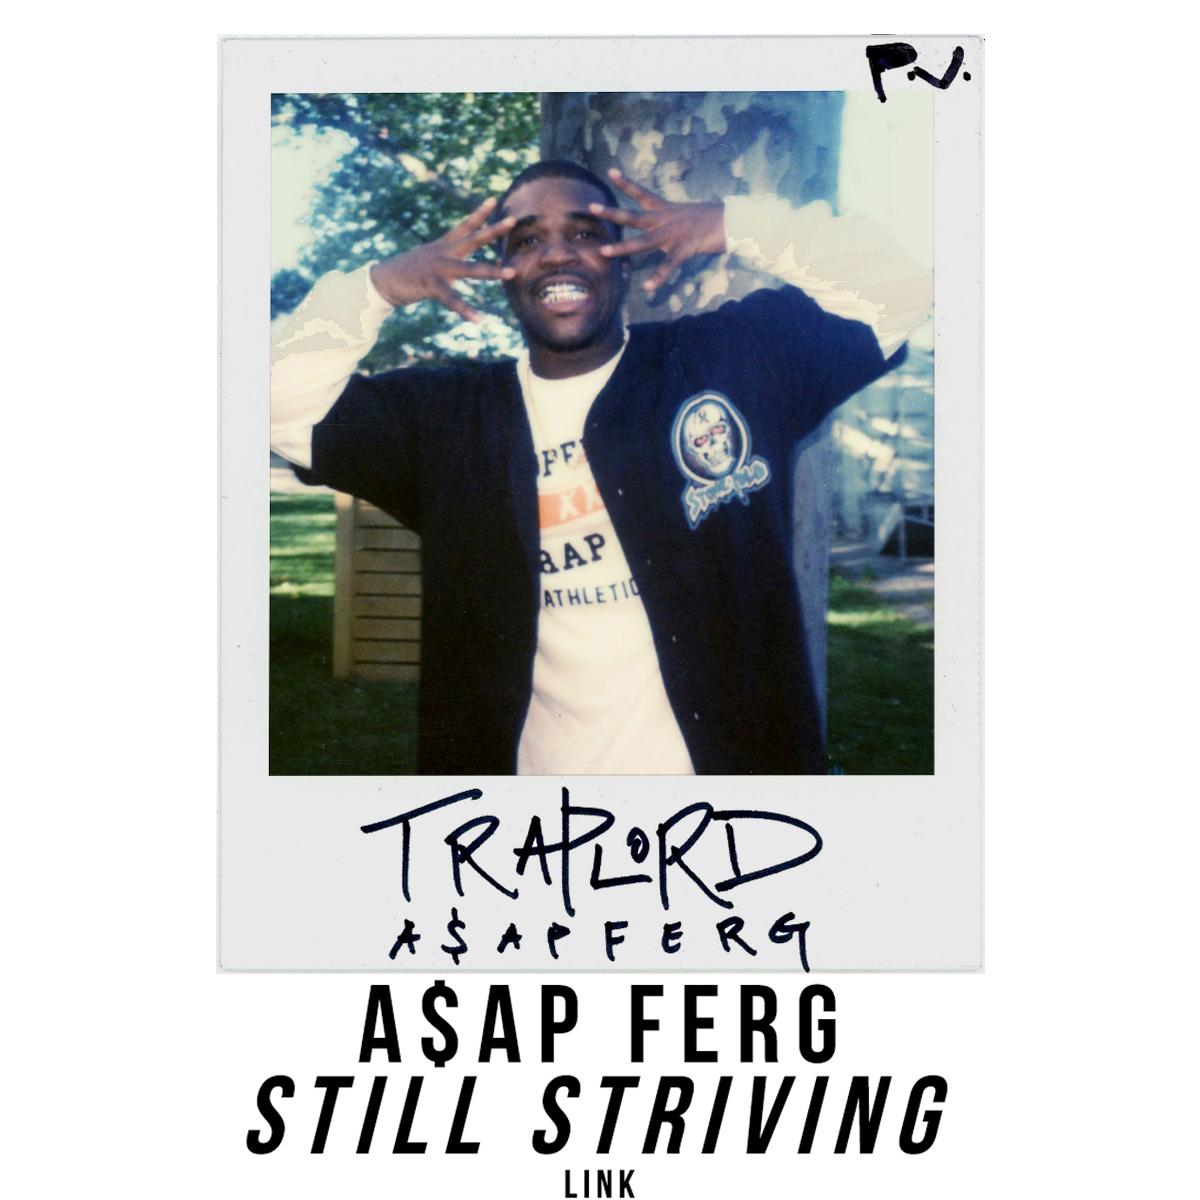 A$AP FERG STILL STRIVING